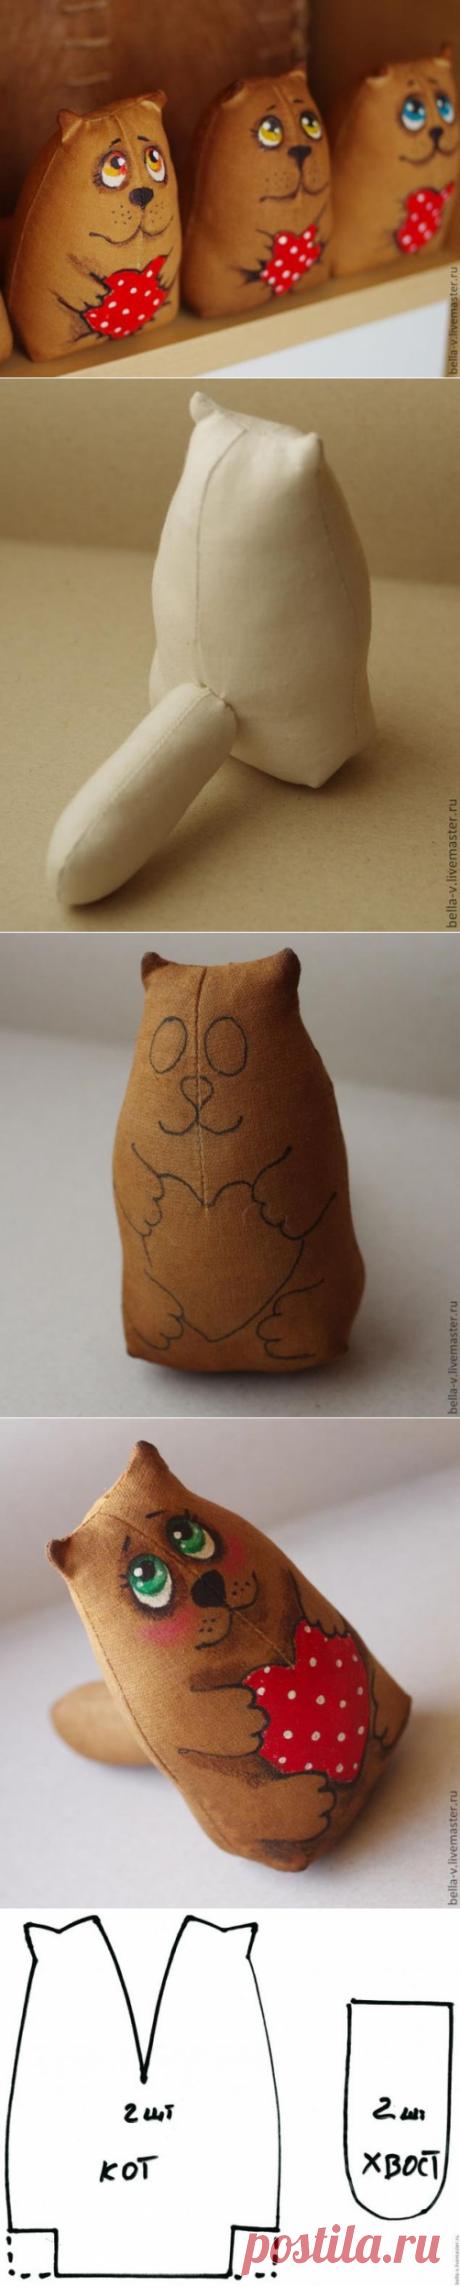 Откормленный кофейный кот.Мастер-класс